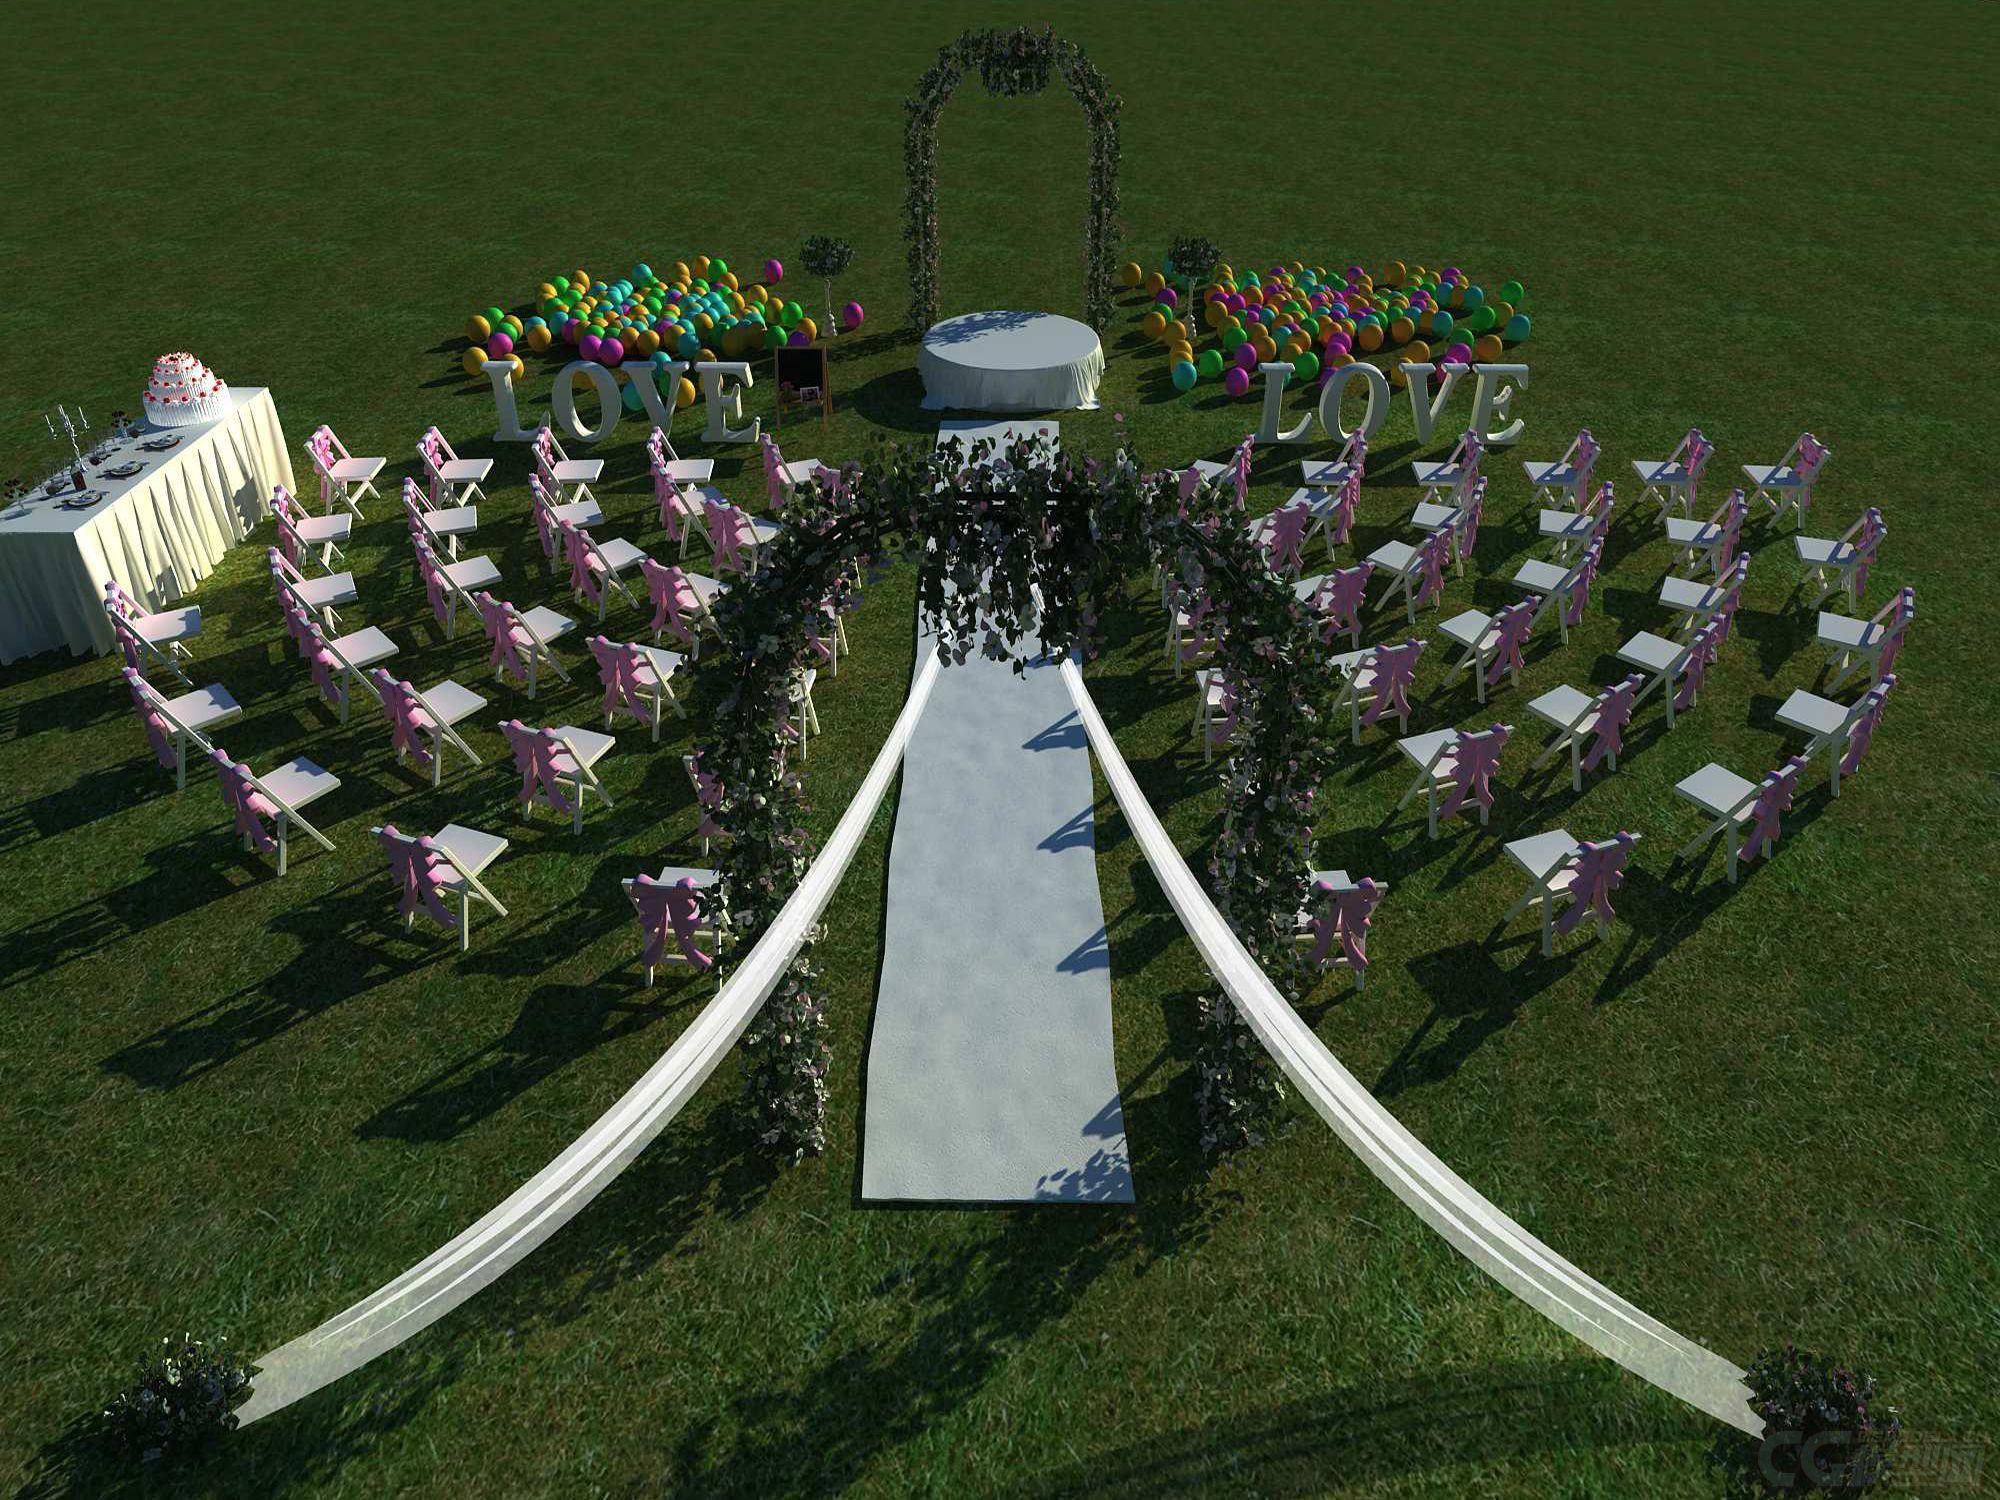 室外婚礼场景布置_室外婚礼场景布置-自然场景-场景-10963204-CG模型网